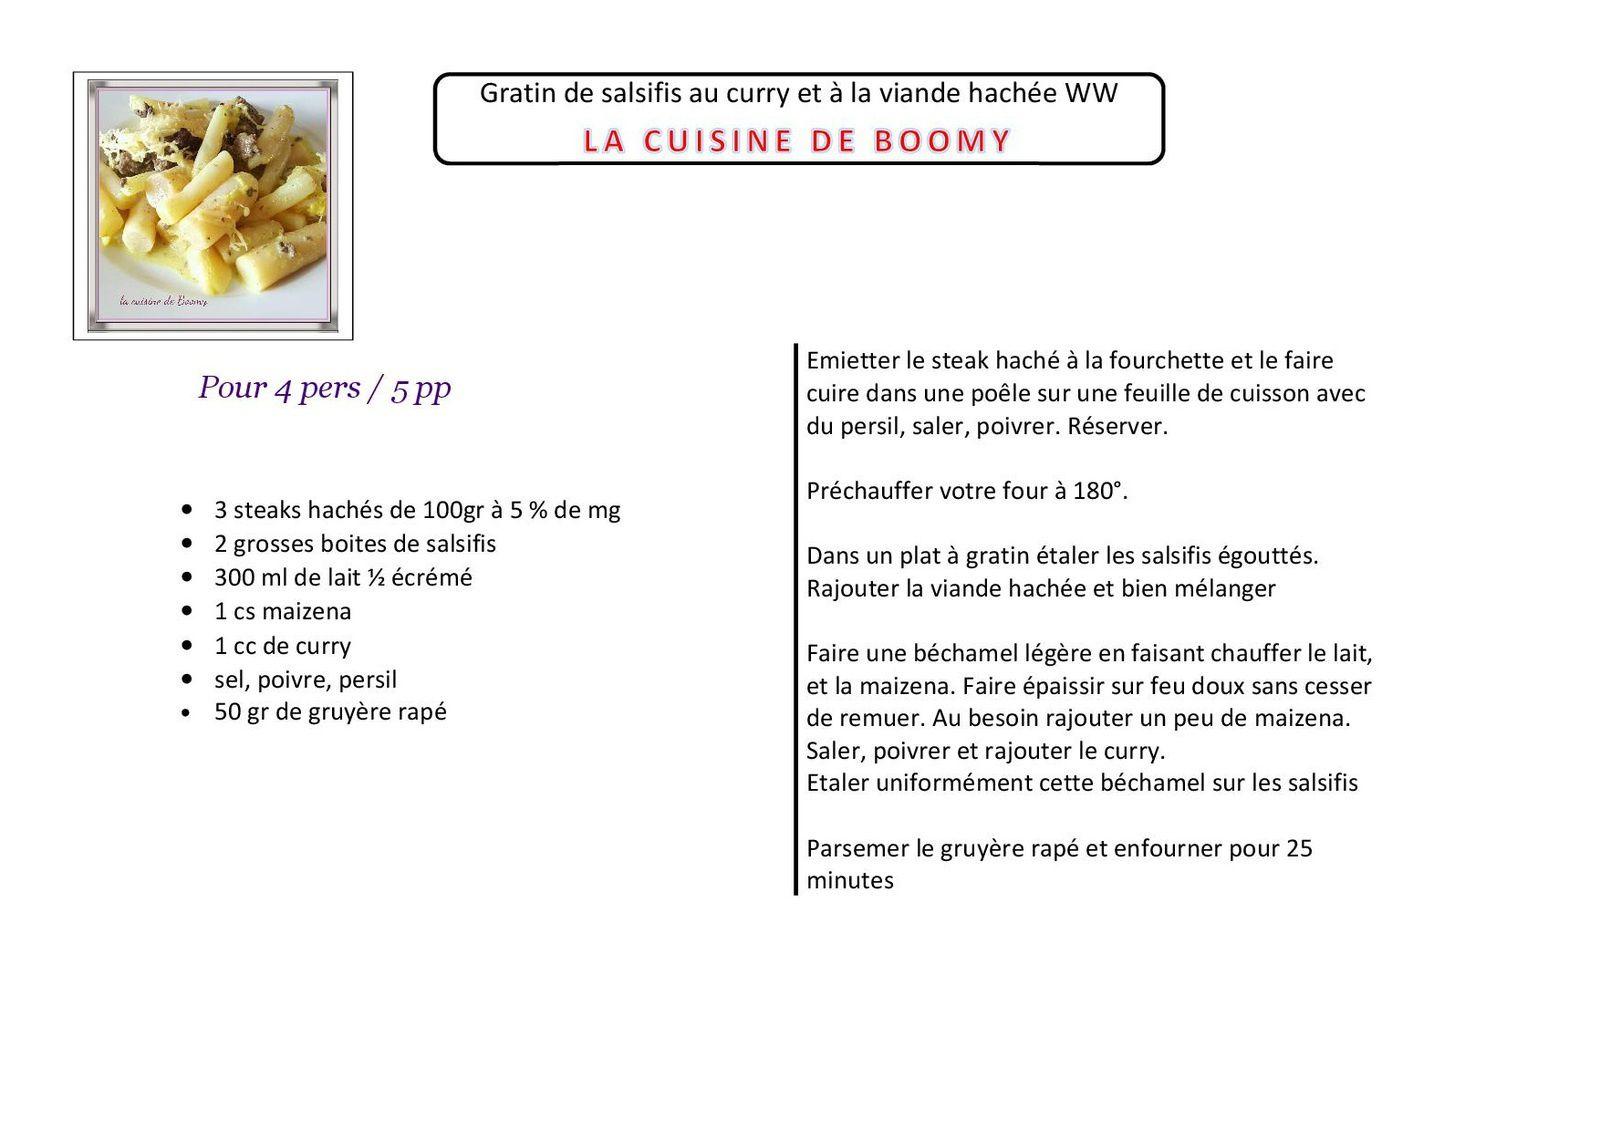 Gratin de salsifis au curry et à la viande hachée WW